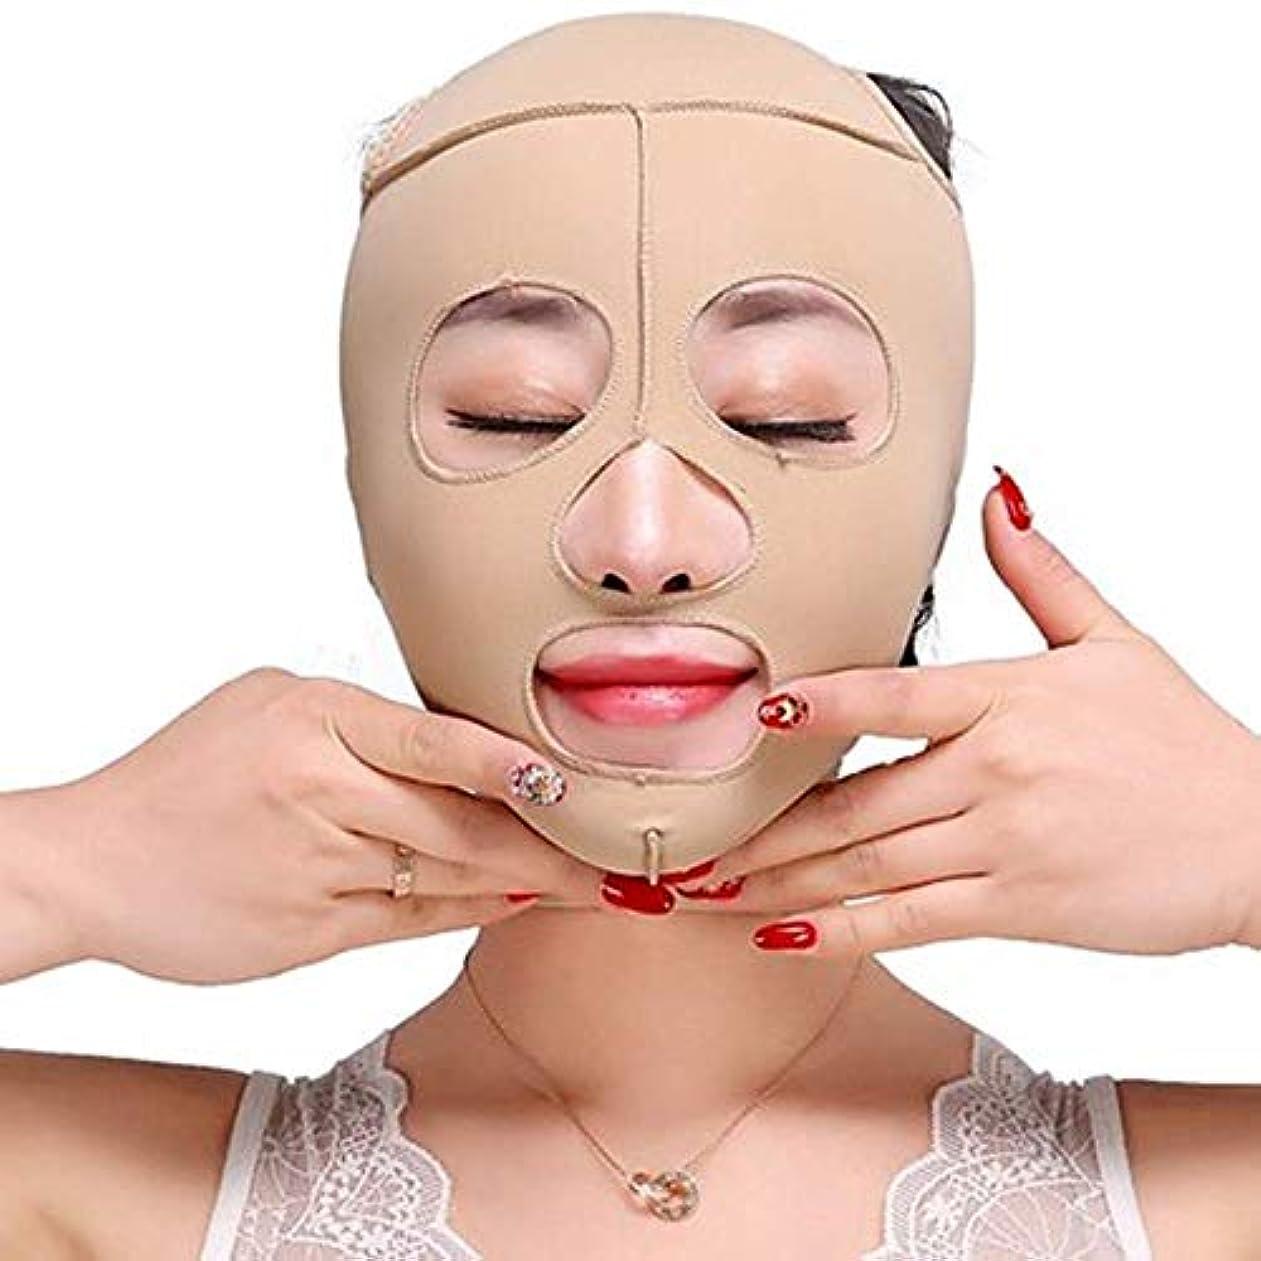 完璧入浴平等Vフェイスマスク、フェイシャルフェイスシンフェイスwithダブルチンシンフェイスバンデージ(サイズ:L)